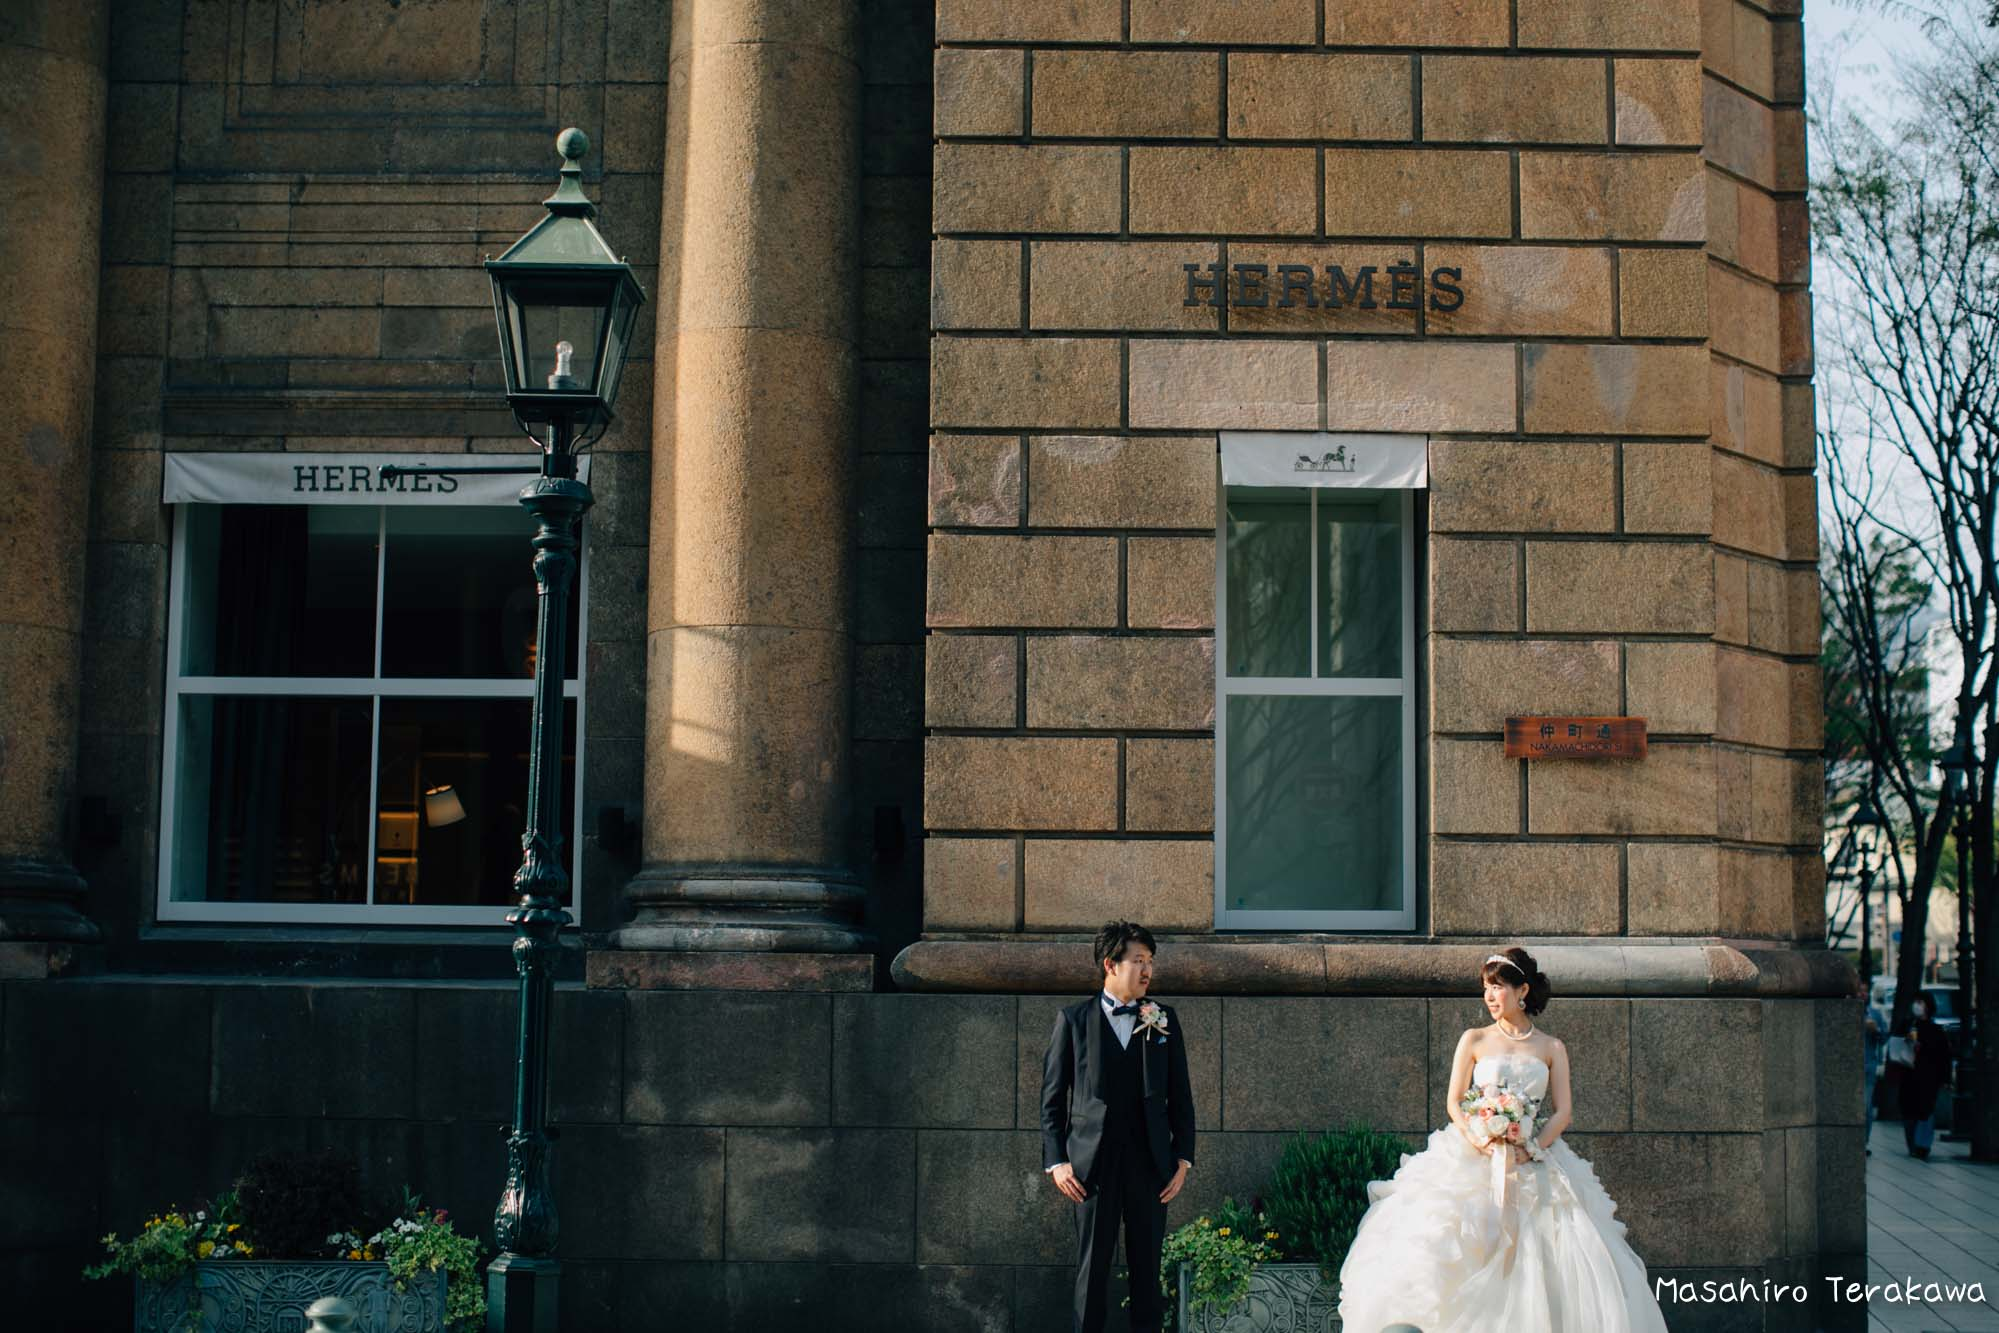 トリートドレッシングのウェディングドレスで結婚式前撮り11